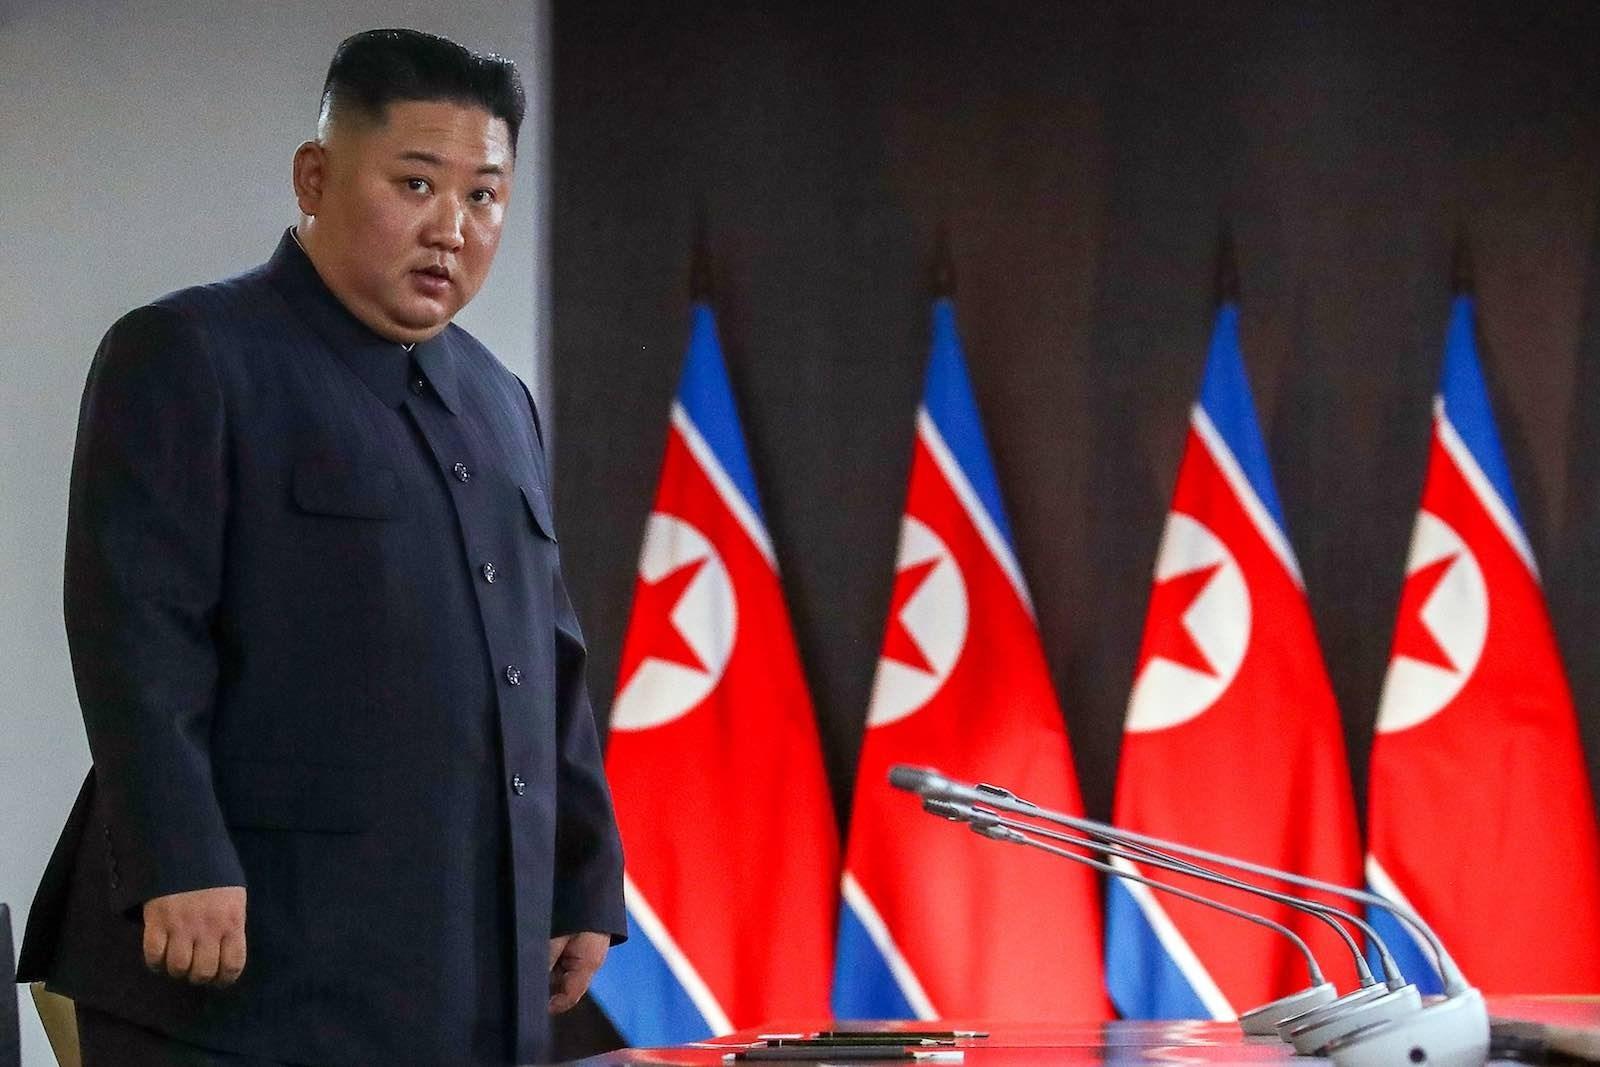 كيم يؤجل خطة عسكرية ضد كوريا الجنوبية